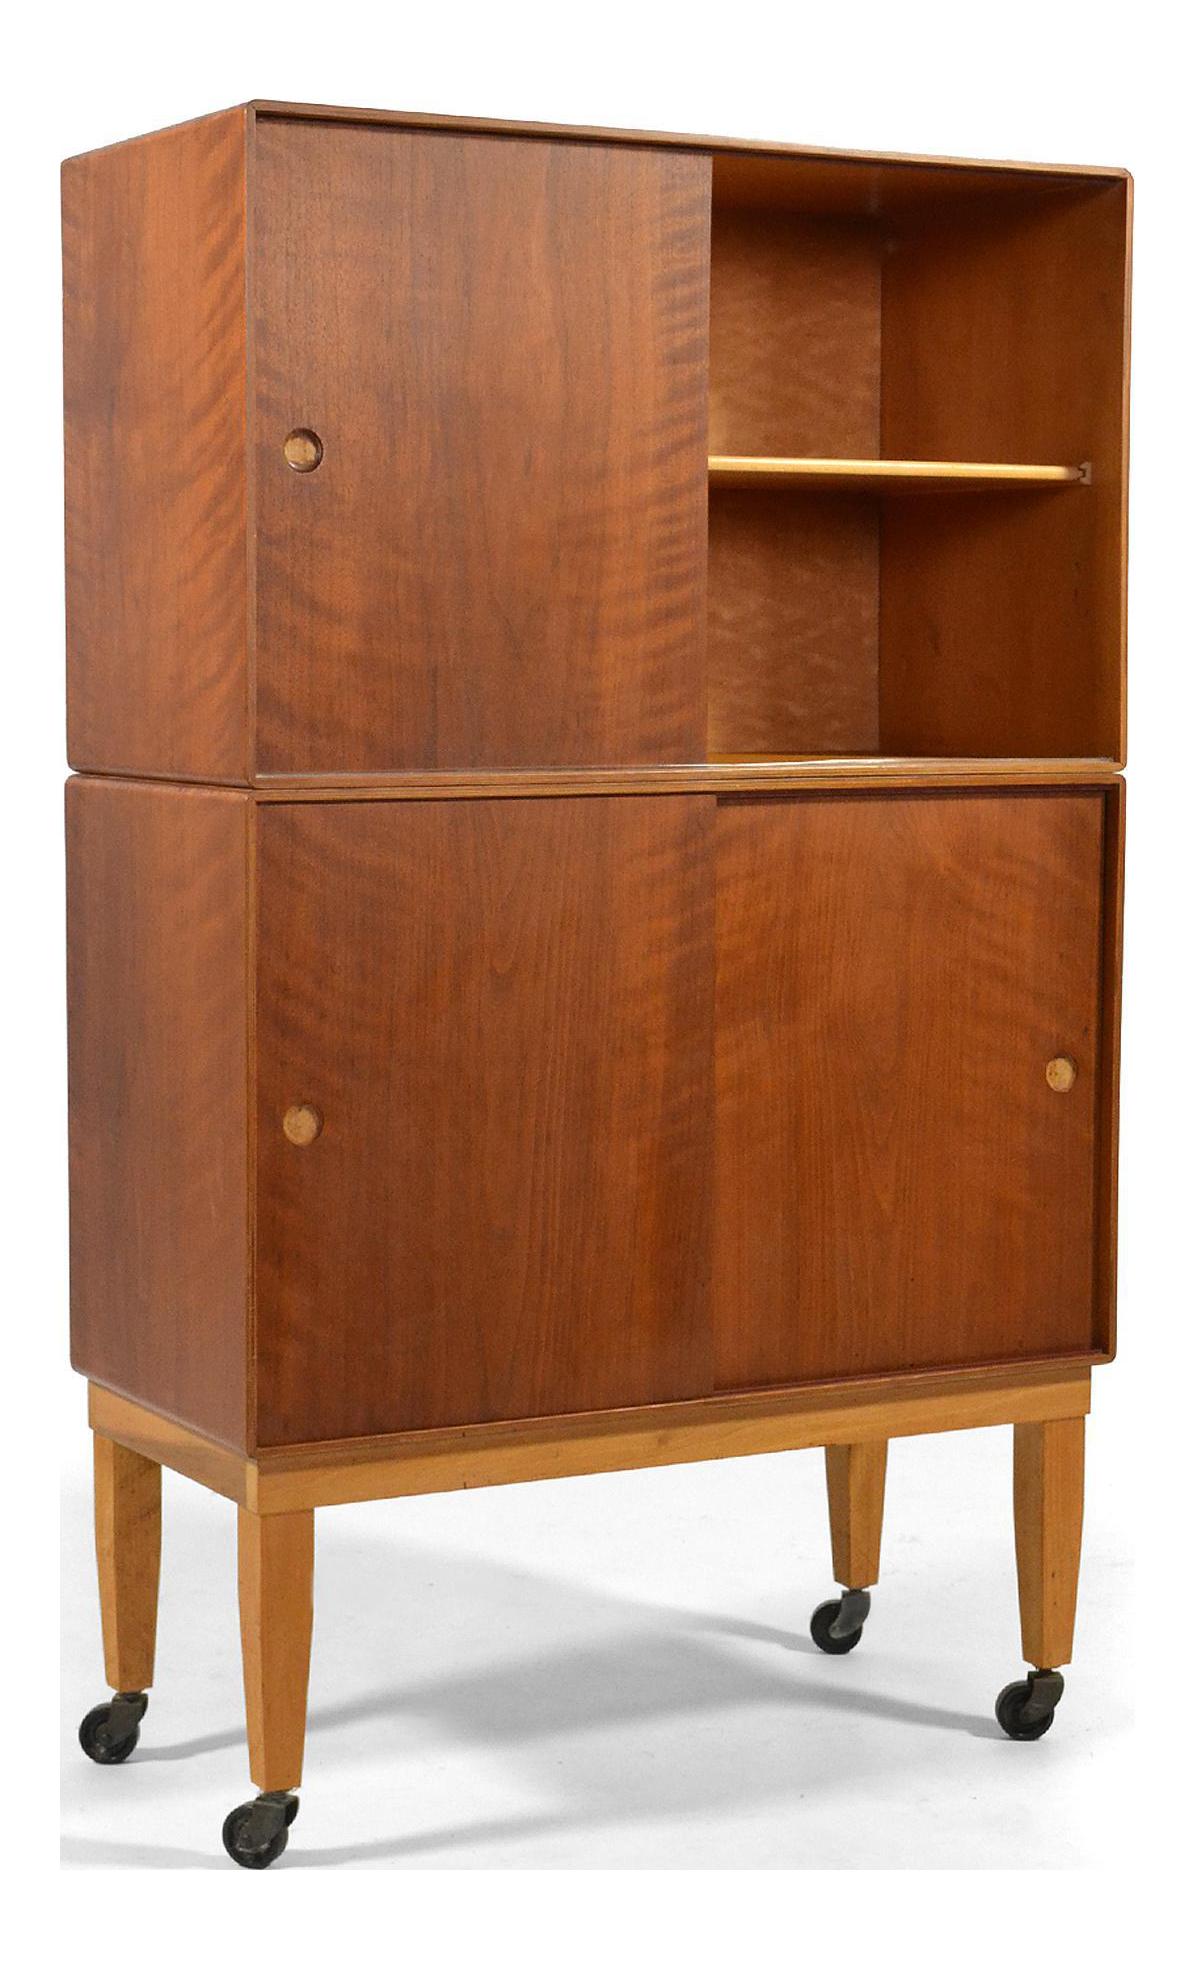 Finn juhl teak birchwood storage cabinet by baker chairish